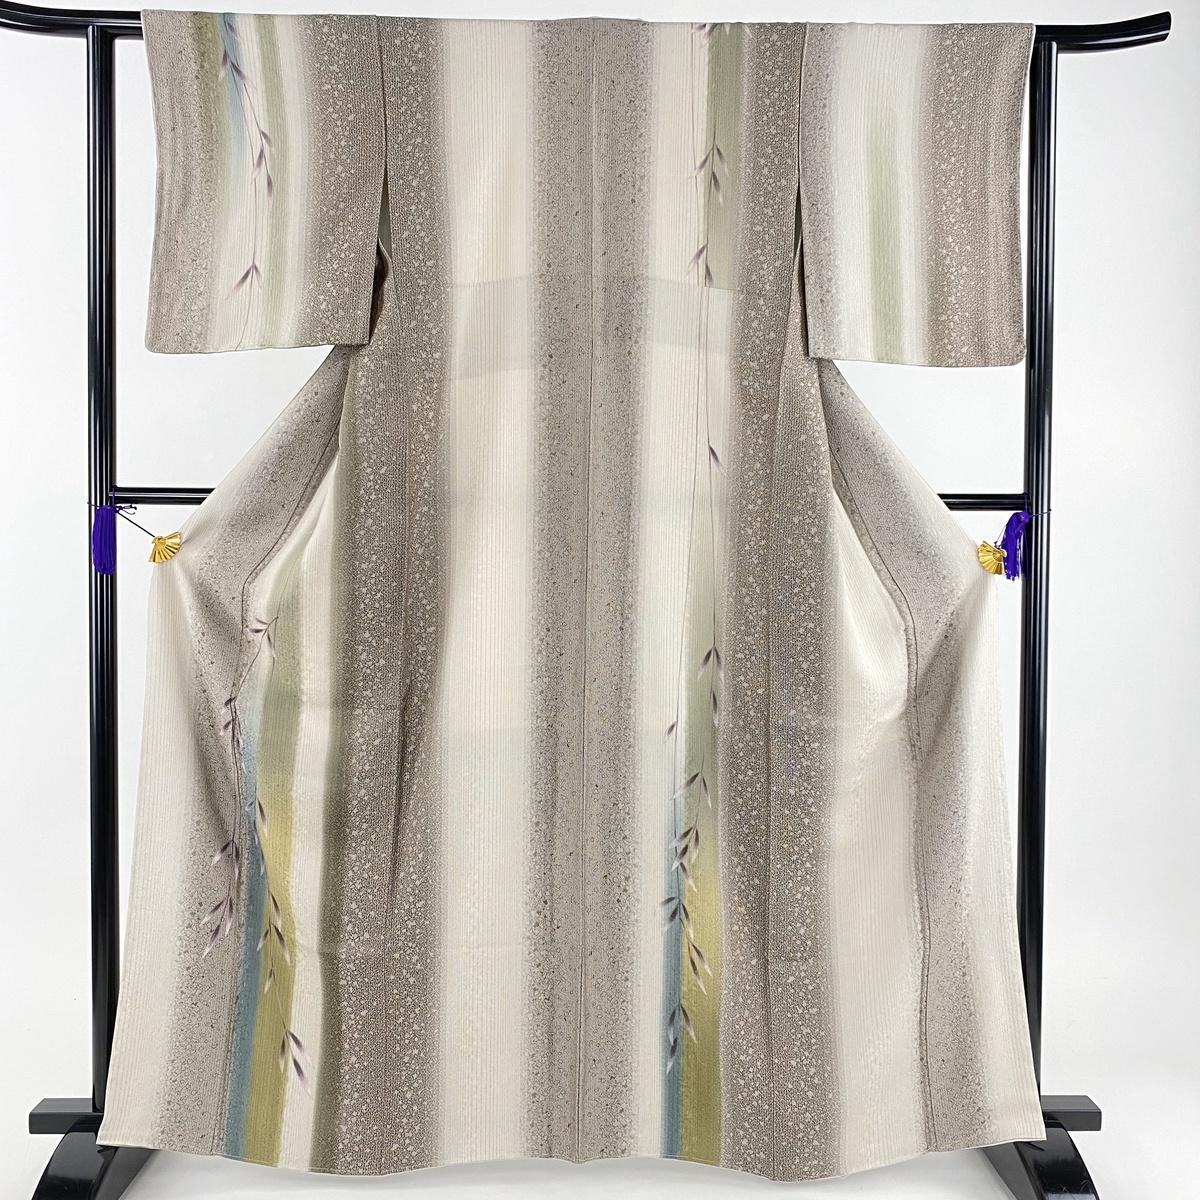 訪問着 美品 名品 やまと 縦縞 葉柄 ぼかし 灰紫 袷 身丈164cm 裄丈62cm S 正絹 【中古】